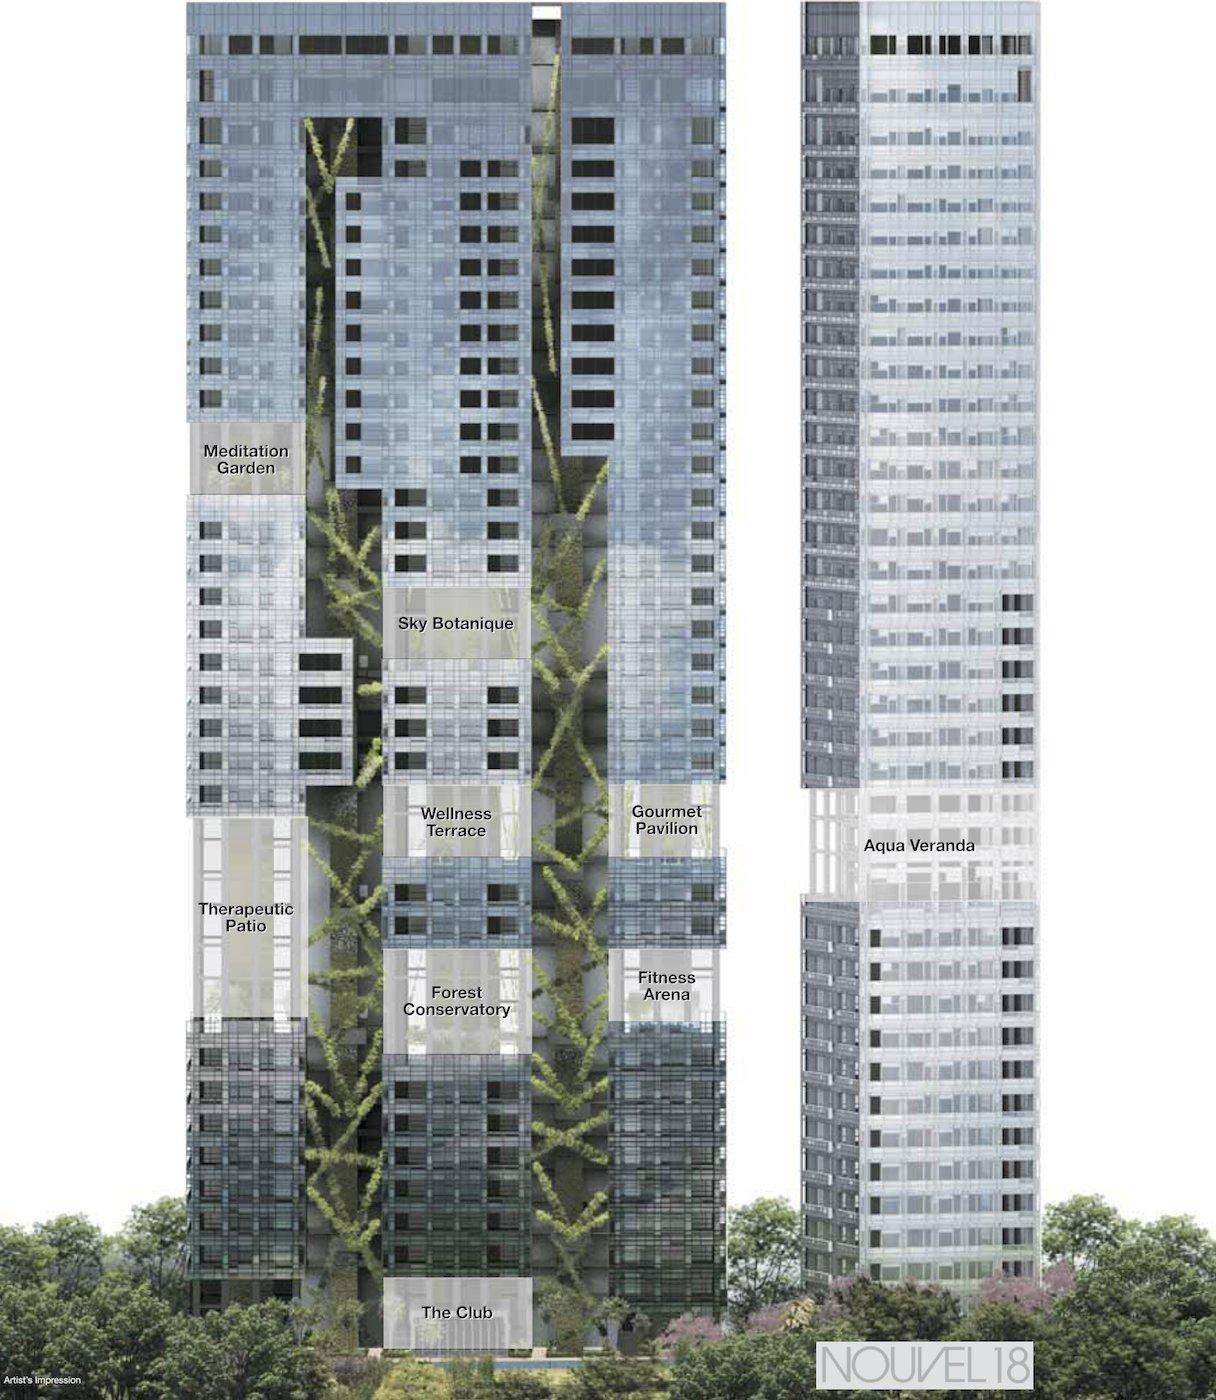 Nouvel 18 condo 明筑公寓 schematic diagram facilities